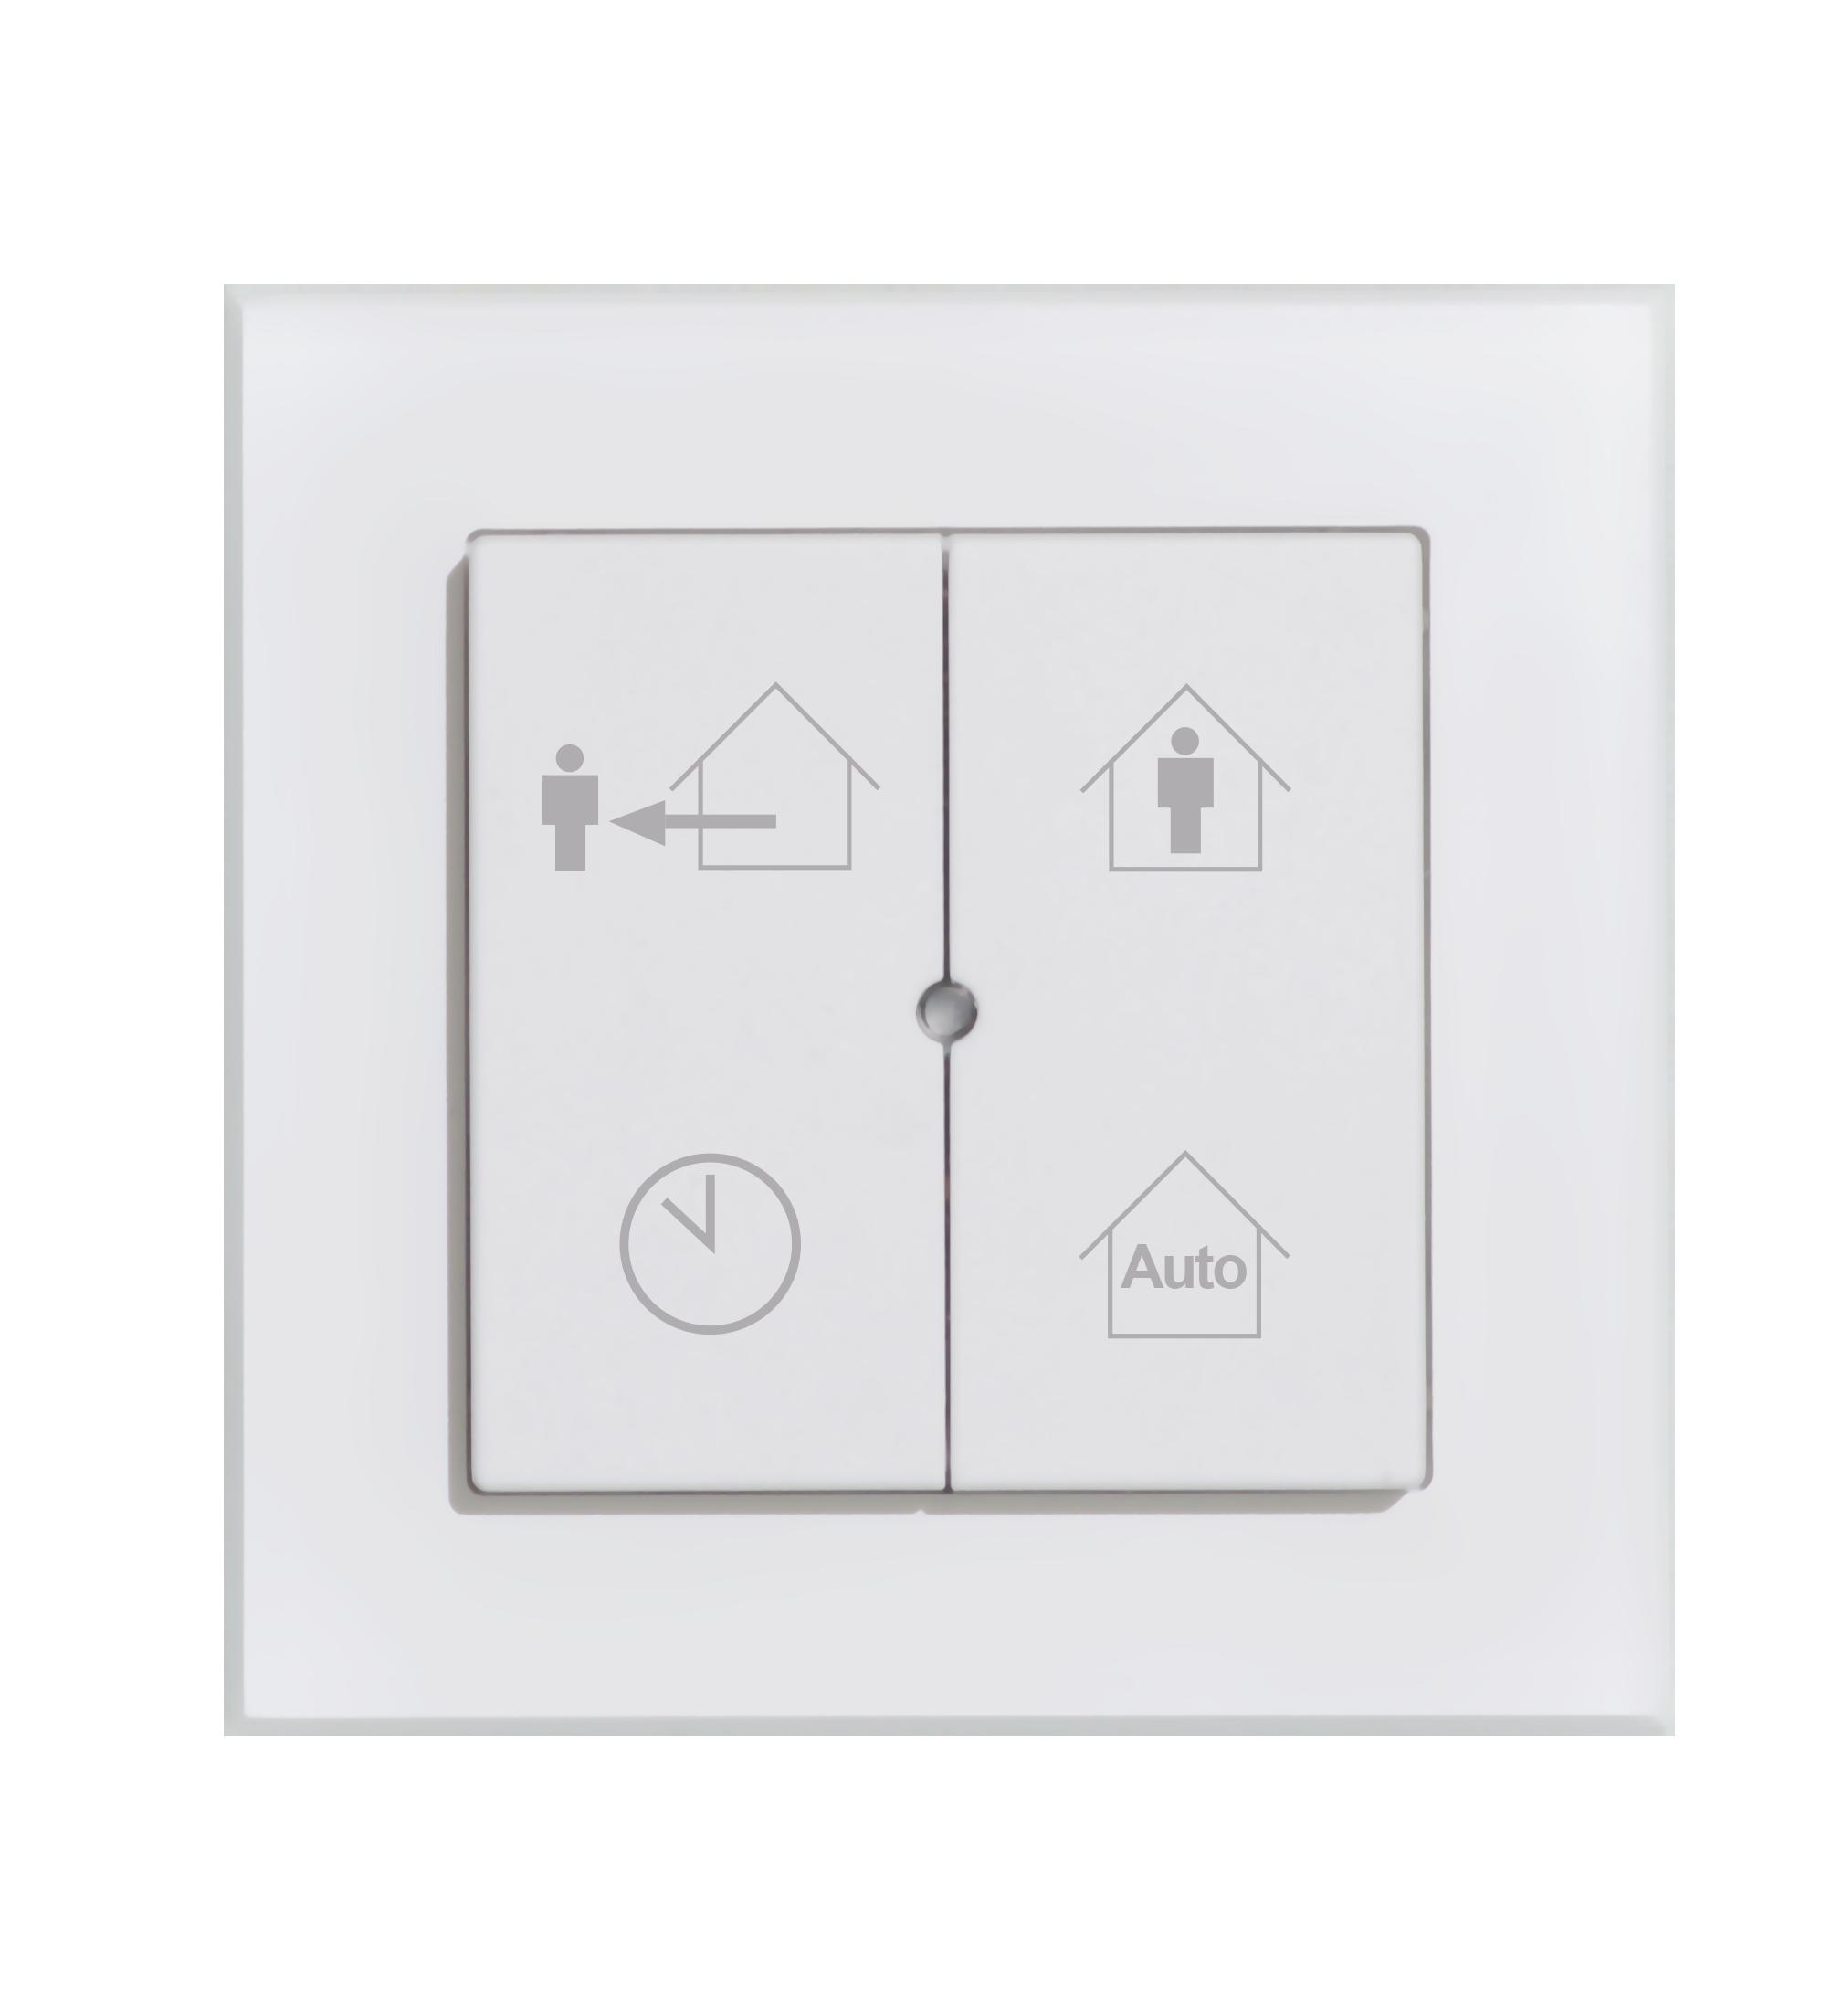 selecteur-4-vitesses-sans-fil-draadloze-4-standschakelaar